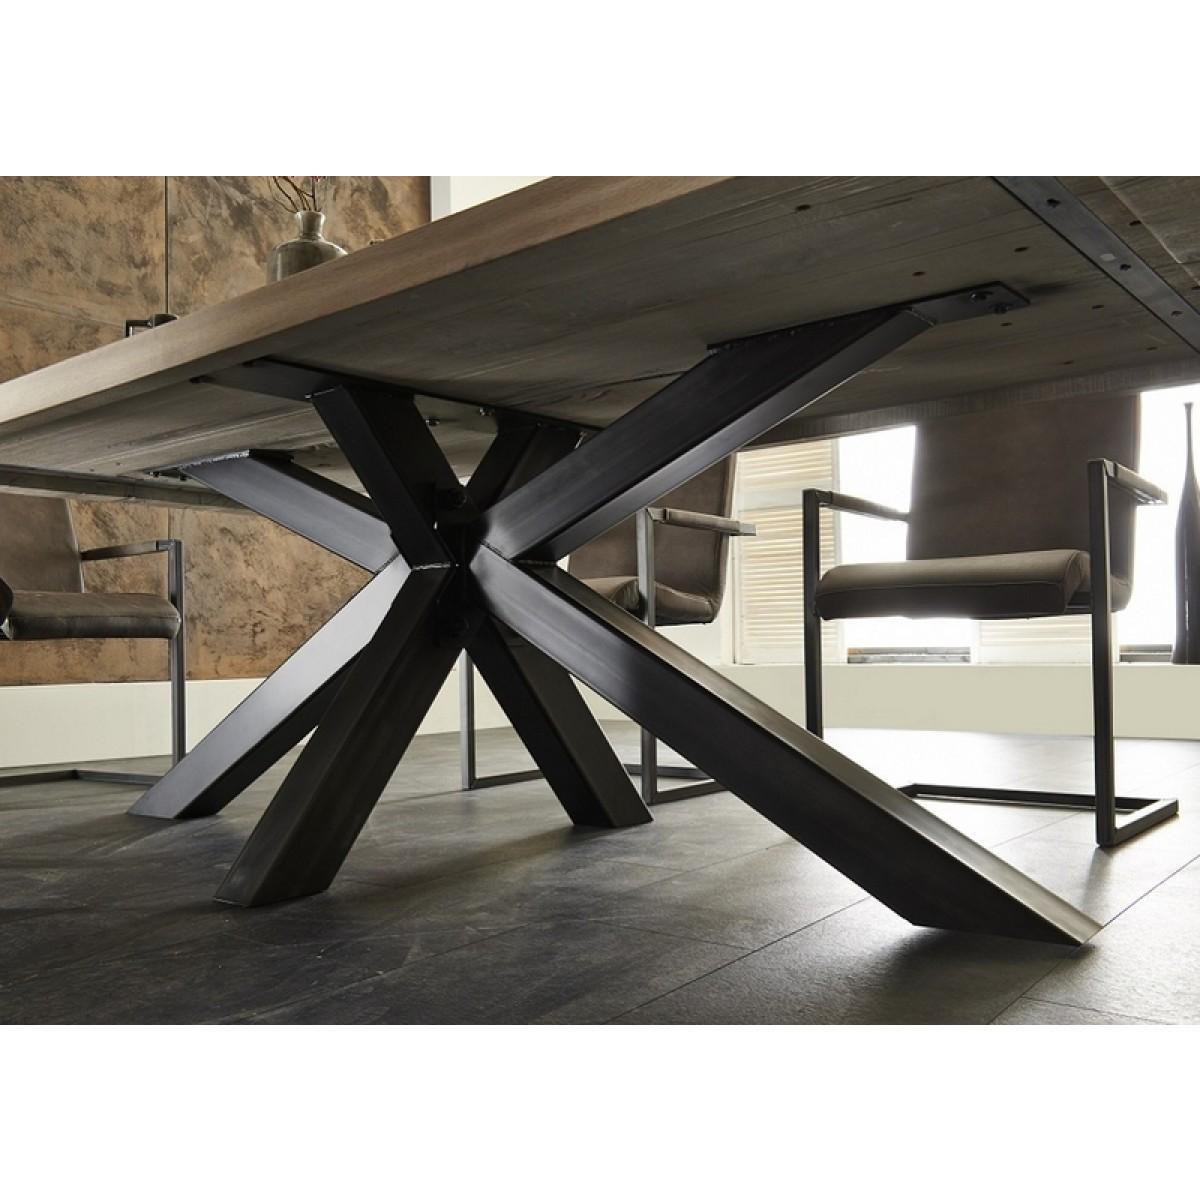 esstisch eiche tischplatte tisch massiv eiche industriedesign gestell aus metall ma e 260 x 100 cm. Black Bedroom Furniture Sets. Home Design Ideas